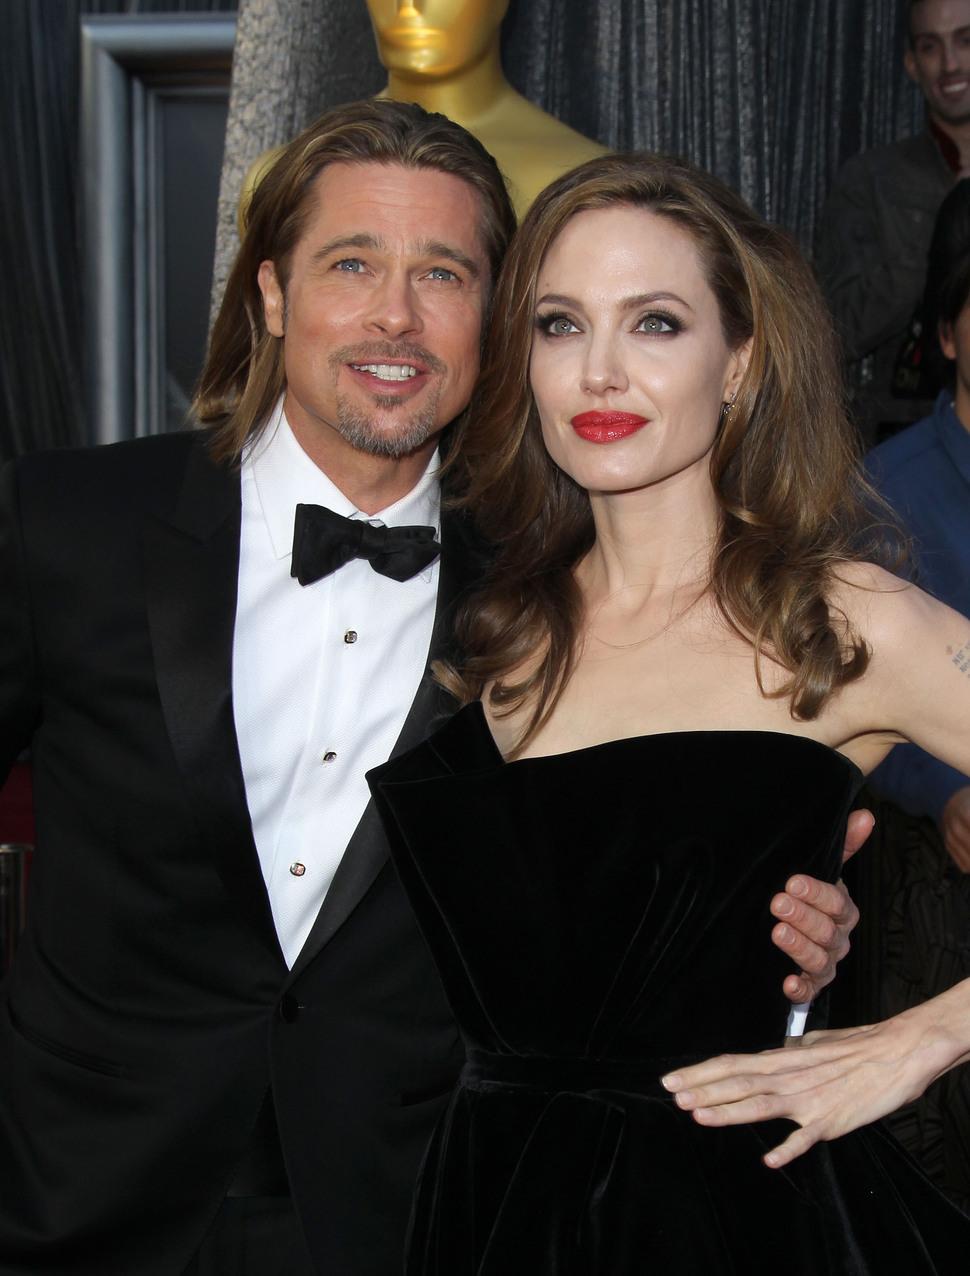 Брэд Питт и Анджелина Джоли могут снова сыграть вместе